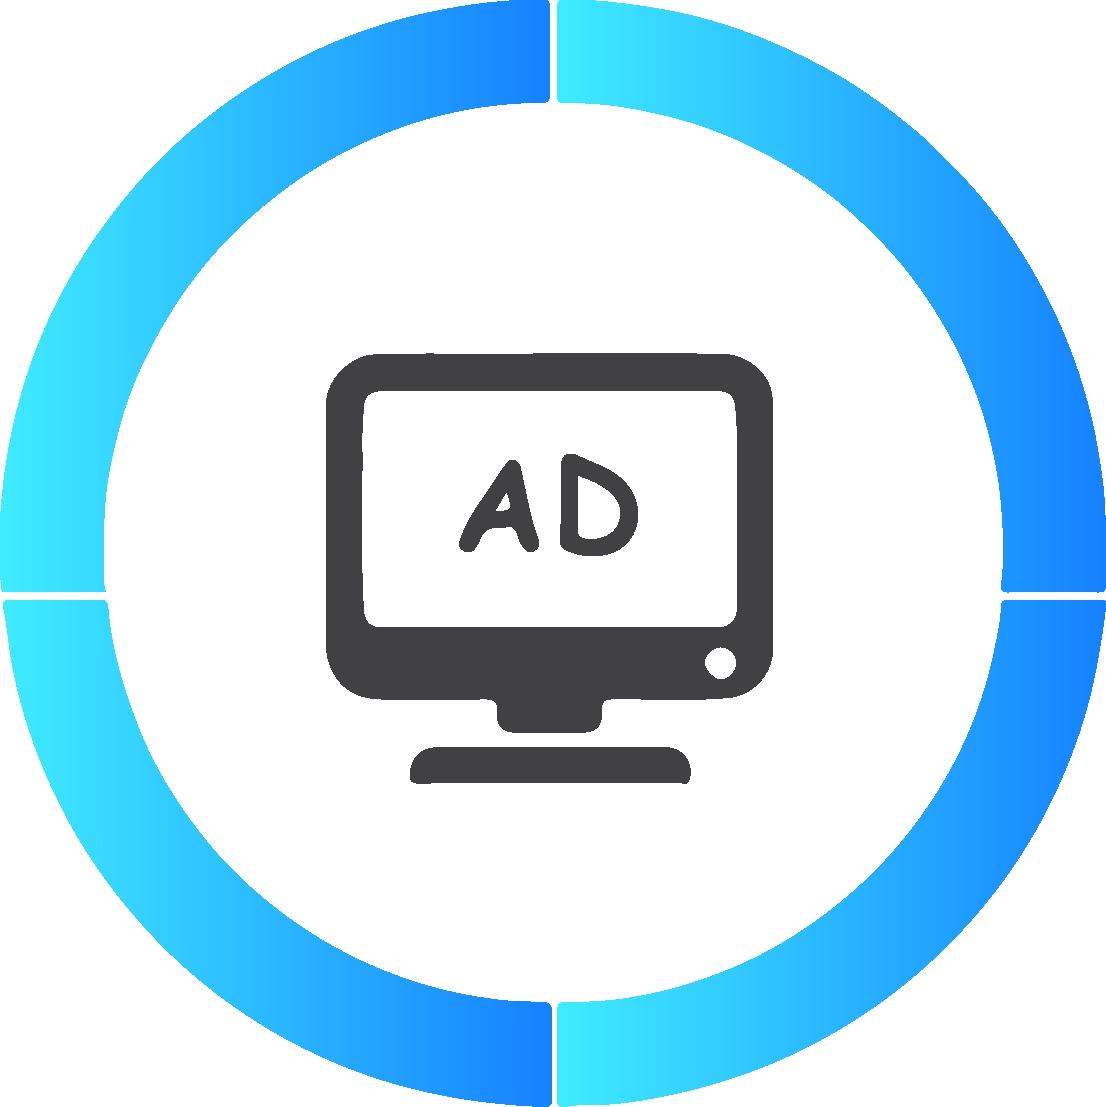 Nessuna pubblicità sarà presente sulla tua app